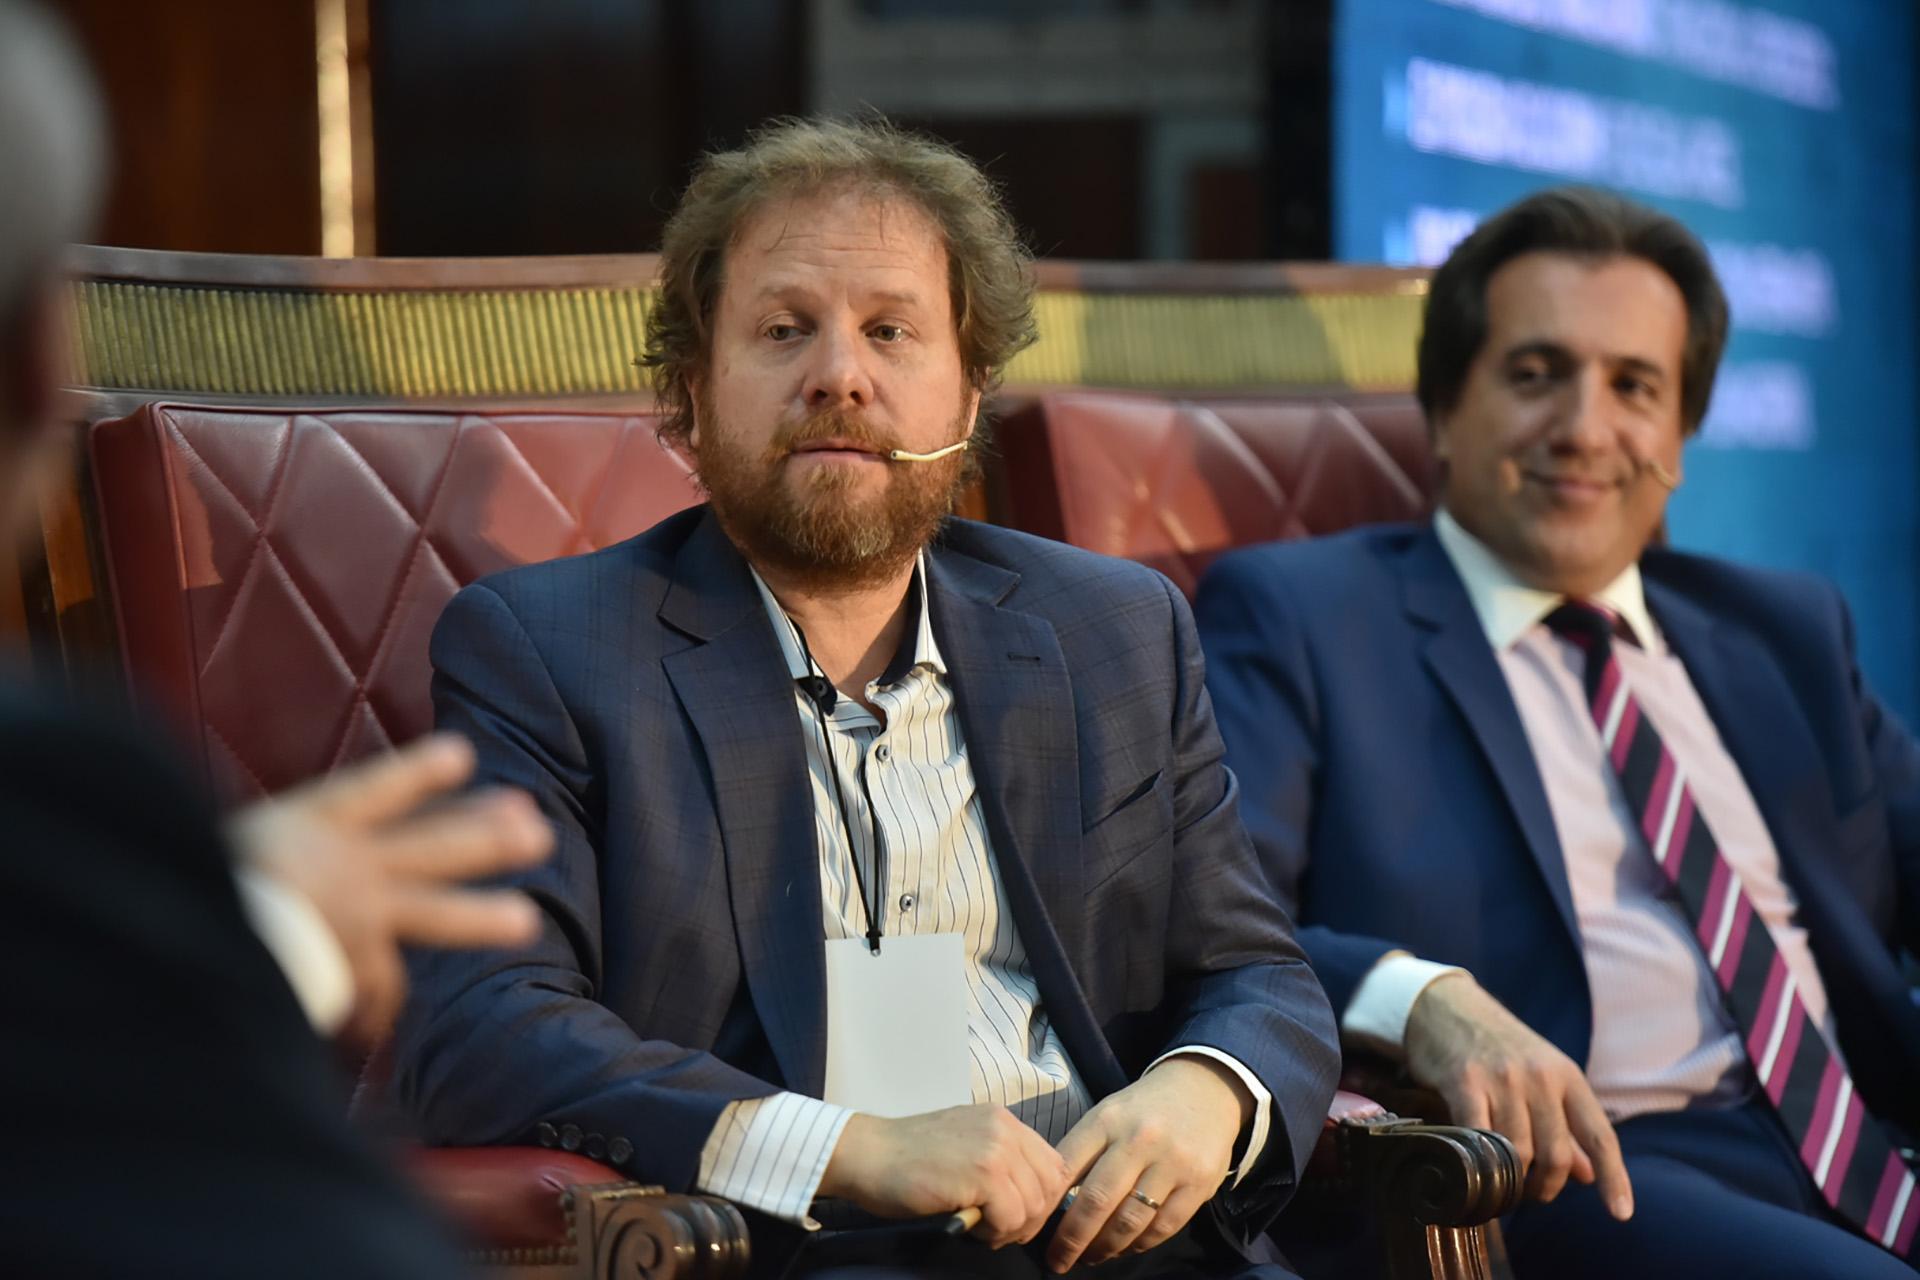 El periodista Carlos Burgueño. Detrás de él, Diego Enríquez